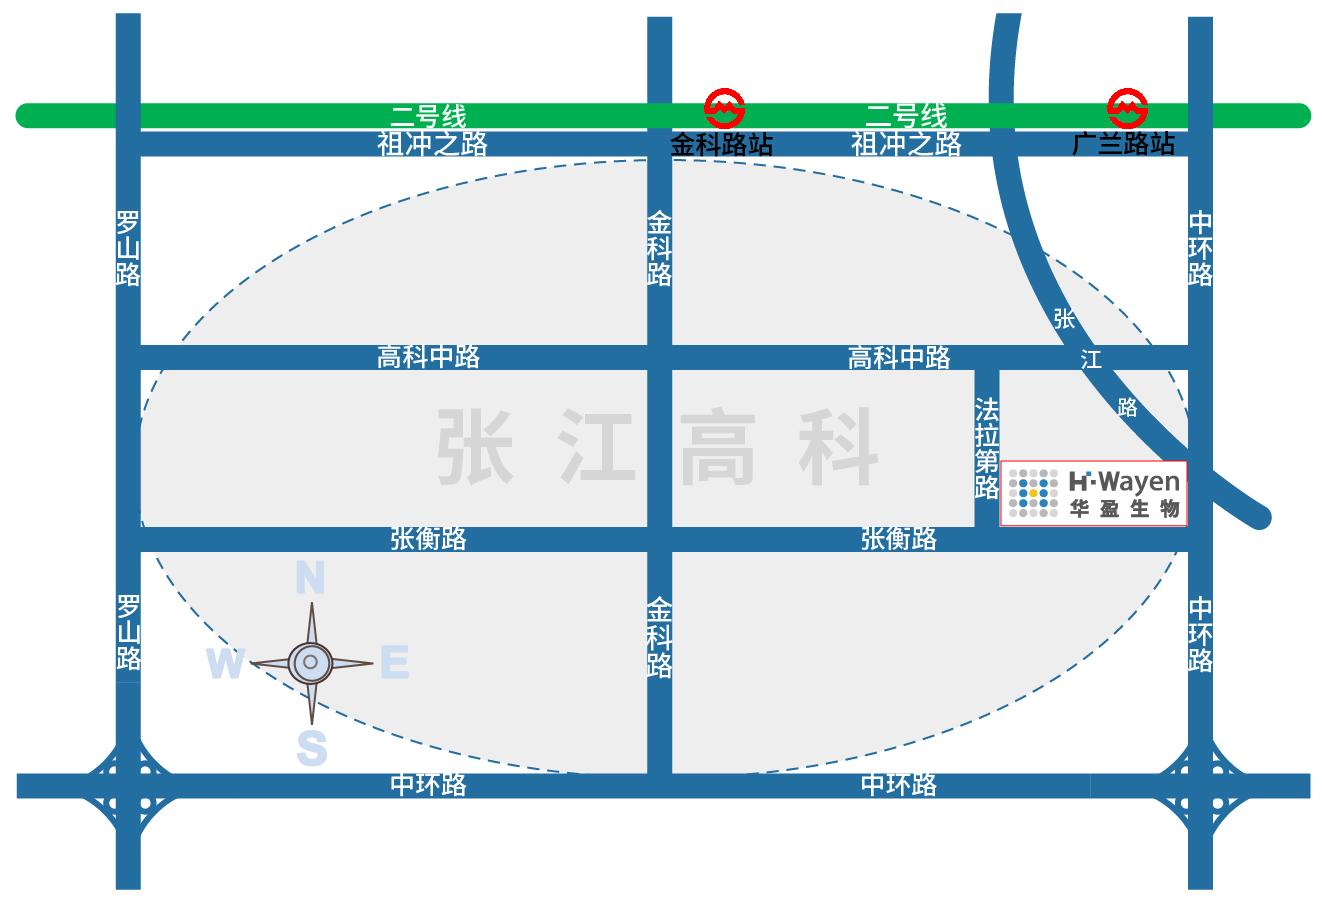 公司区位图.jpg